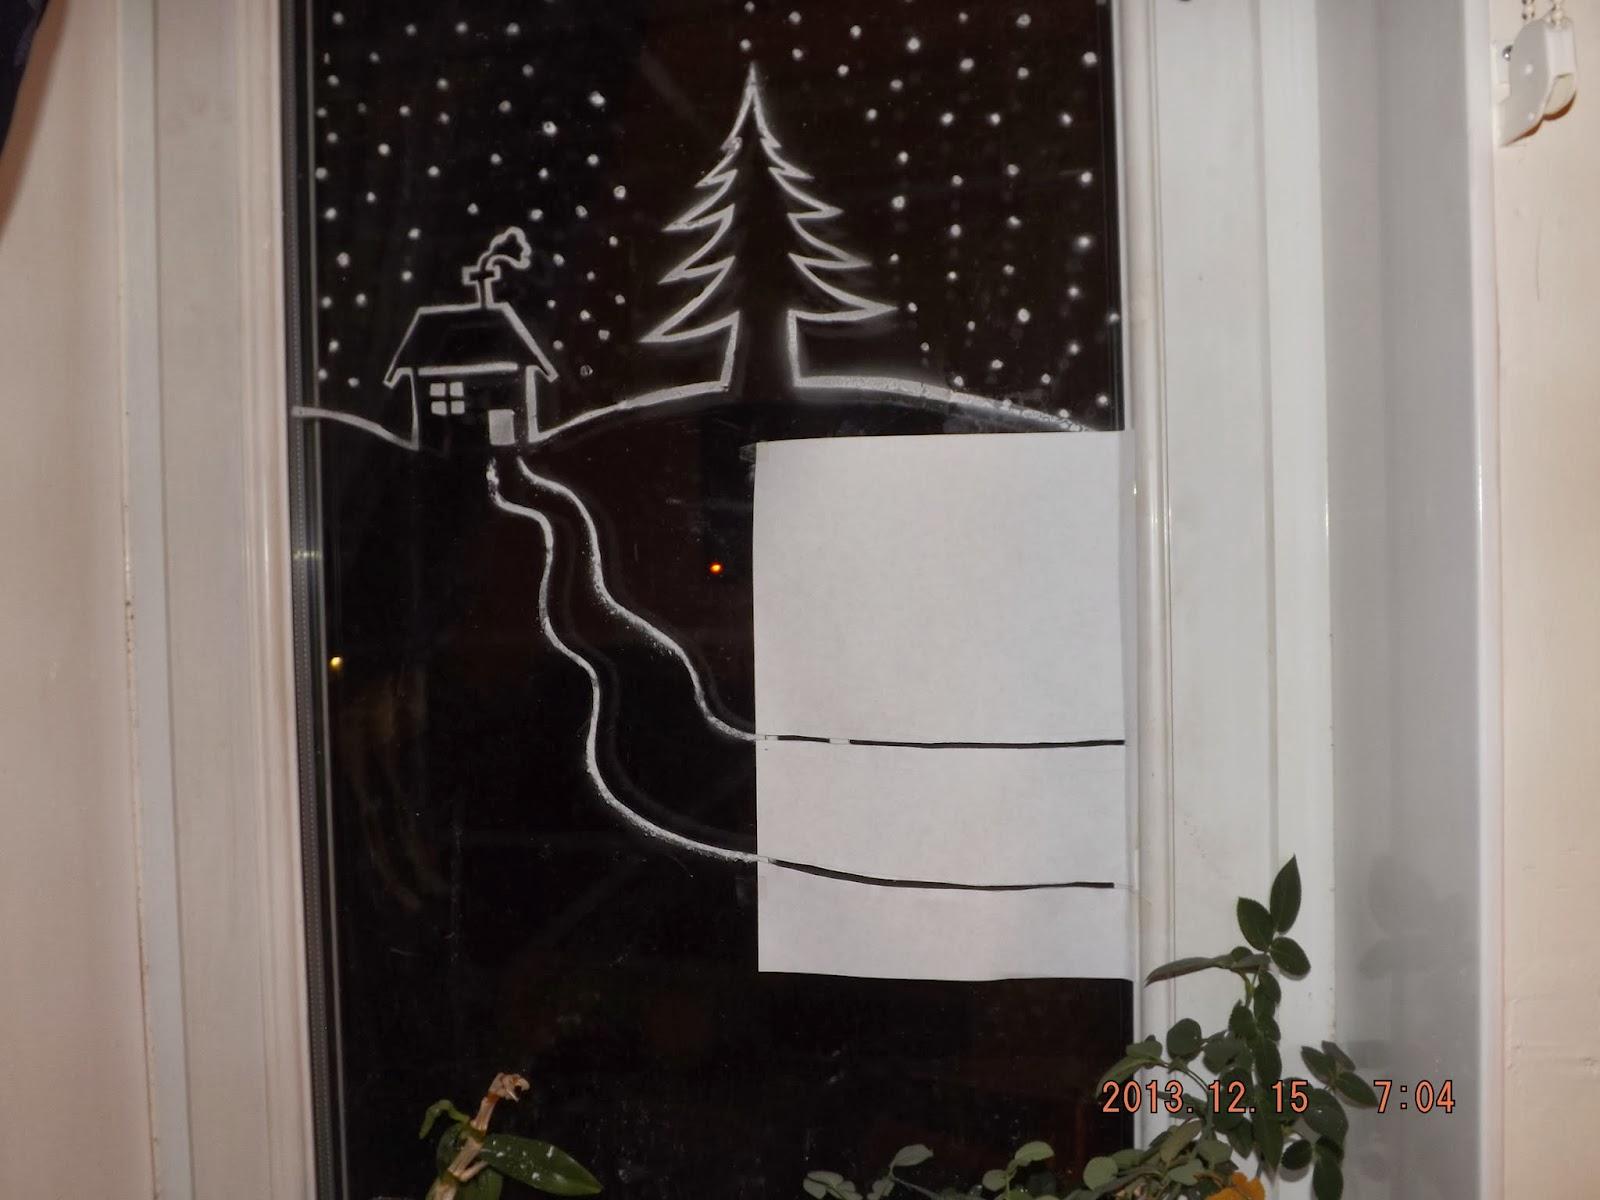 Karácsonyi ablakdísz műhó spray-vel az ablakra ragasztott út sablon